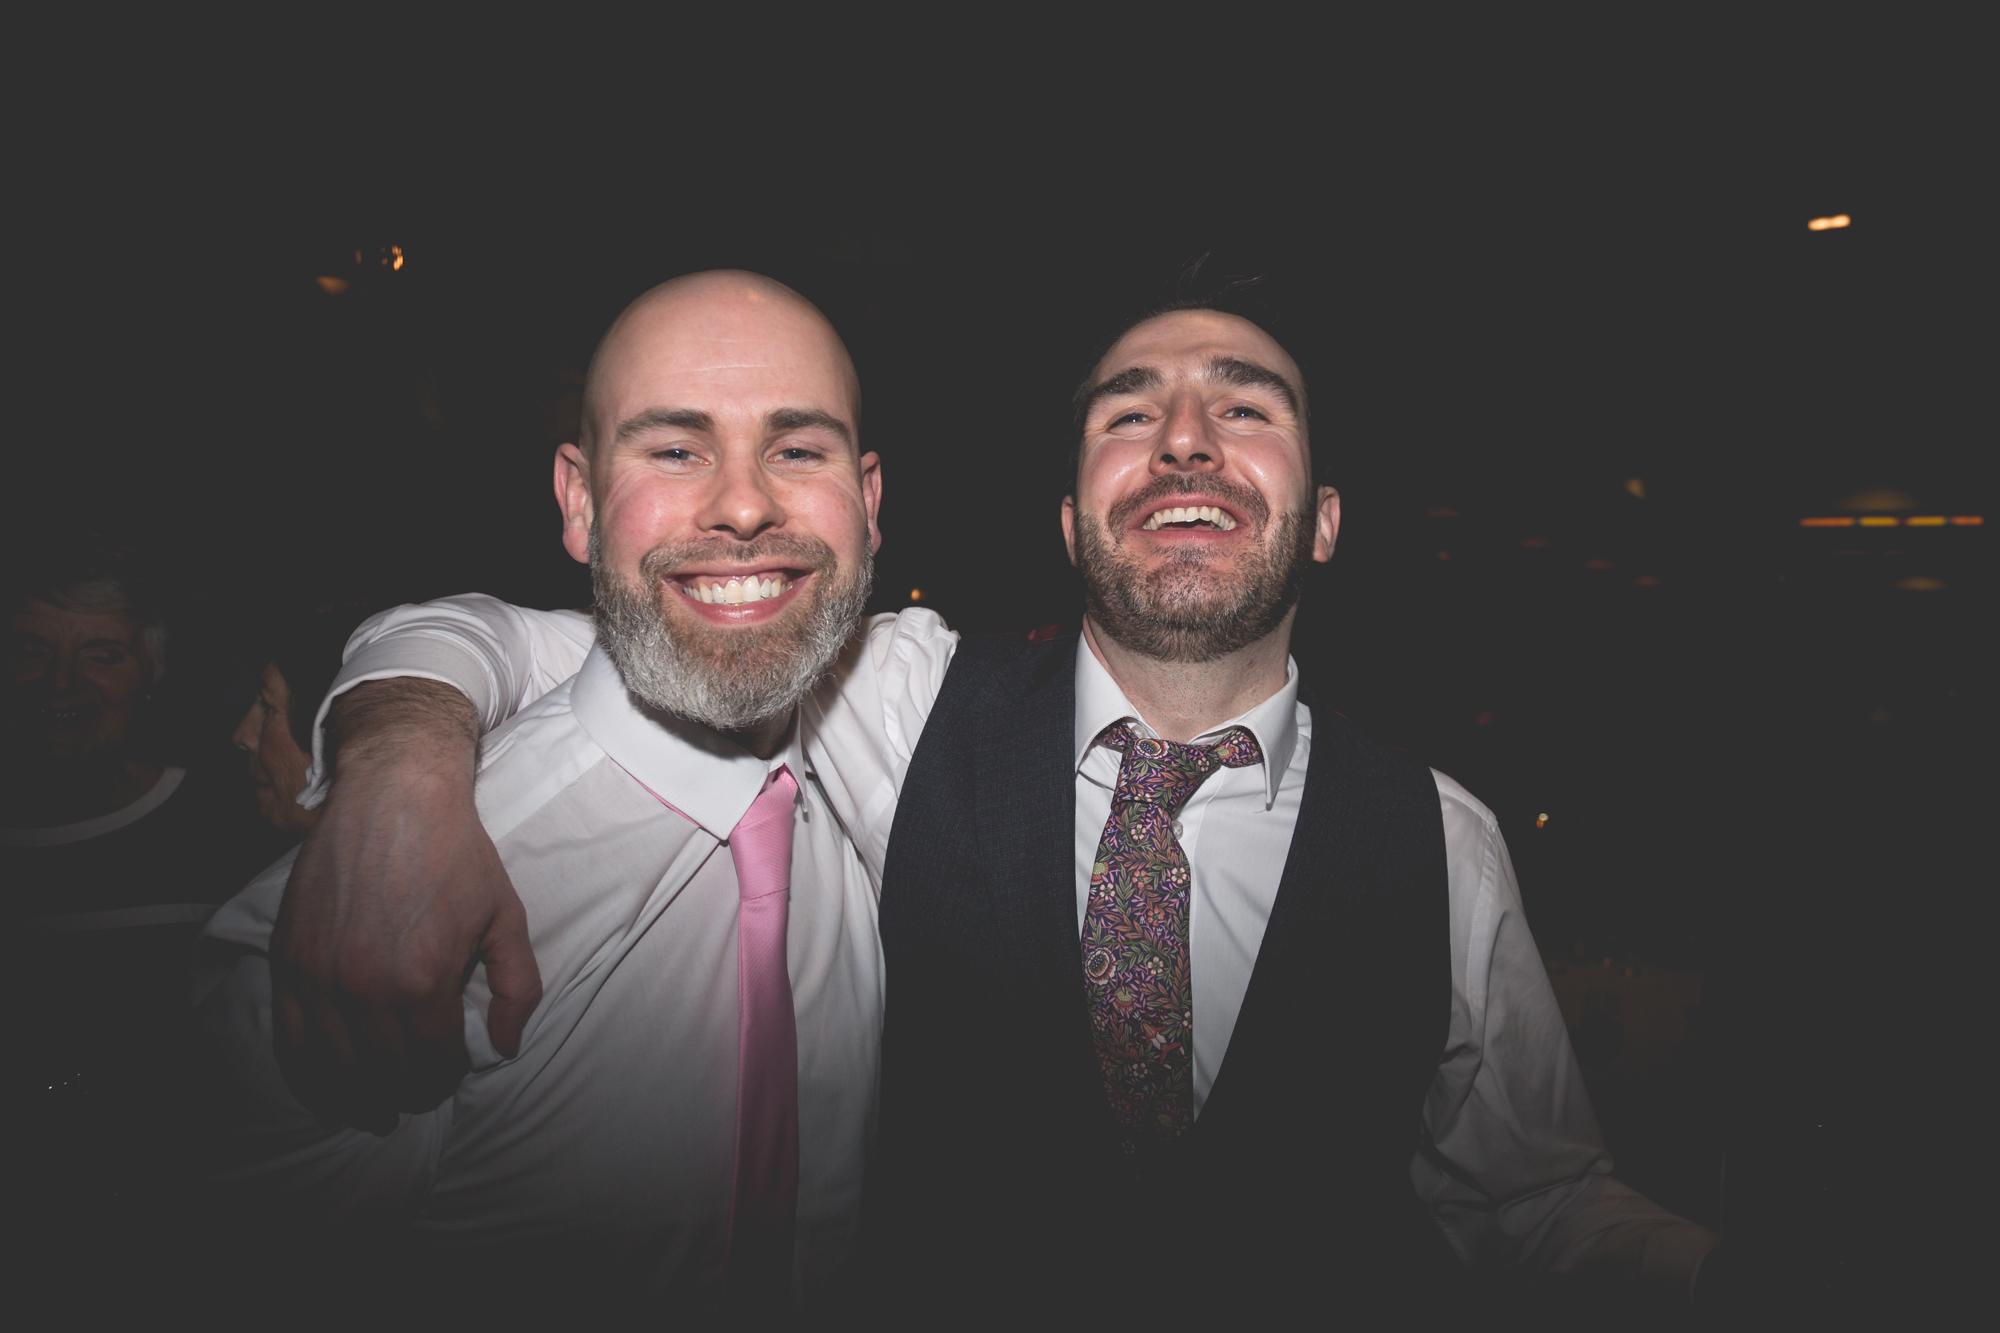 Francis&Oonagh-Dancing-37.jpg